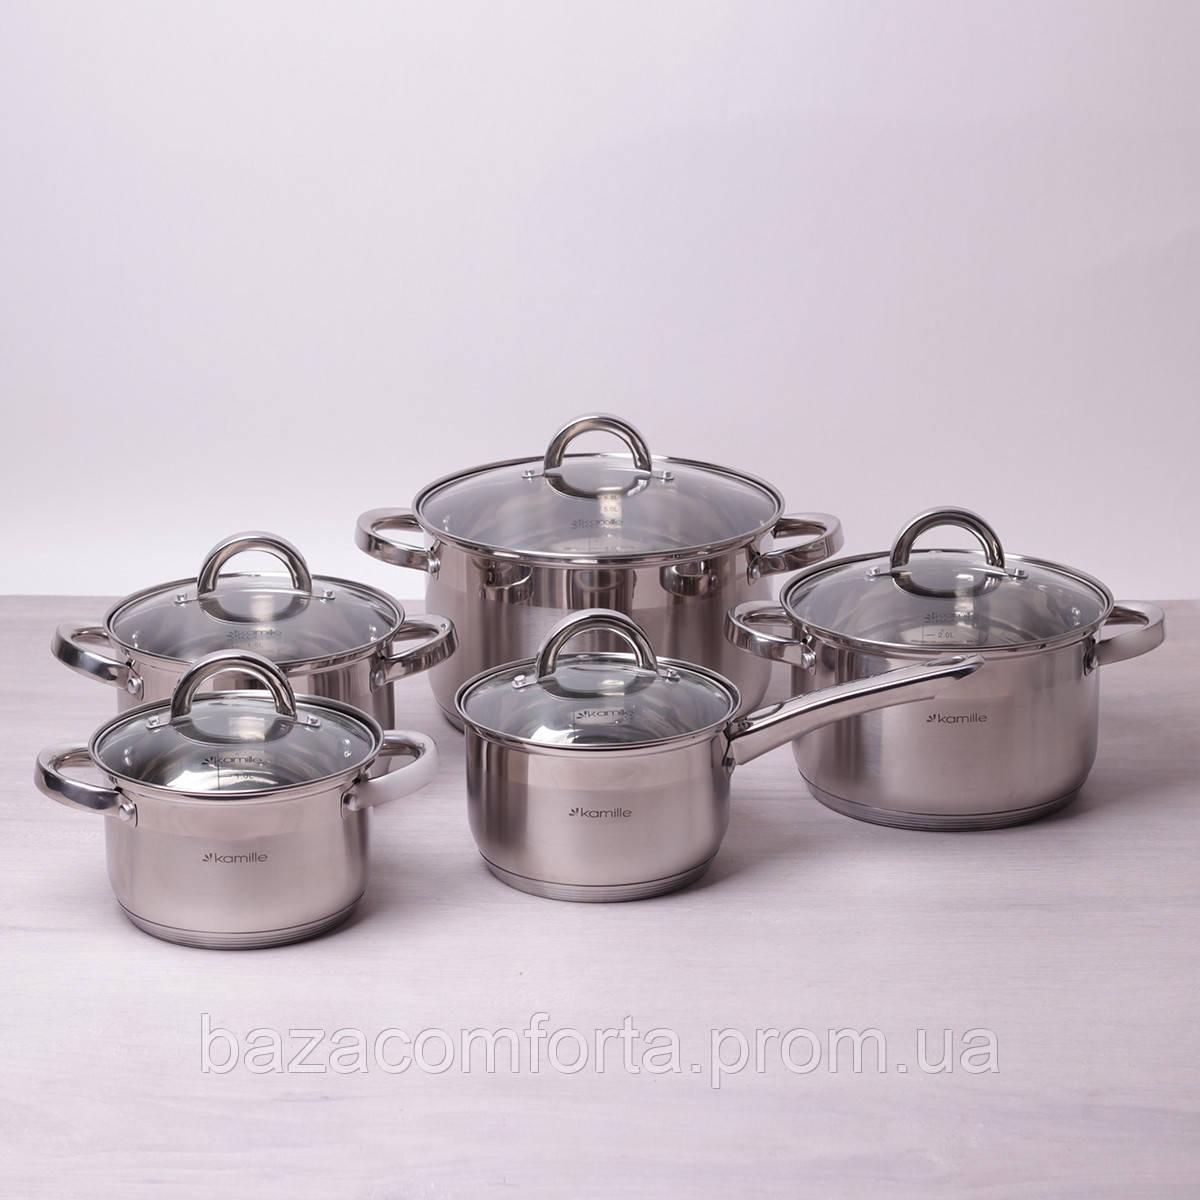 Набор посуды Kamille из нержавеющей стали 10 предметов